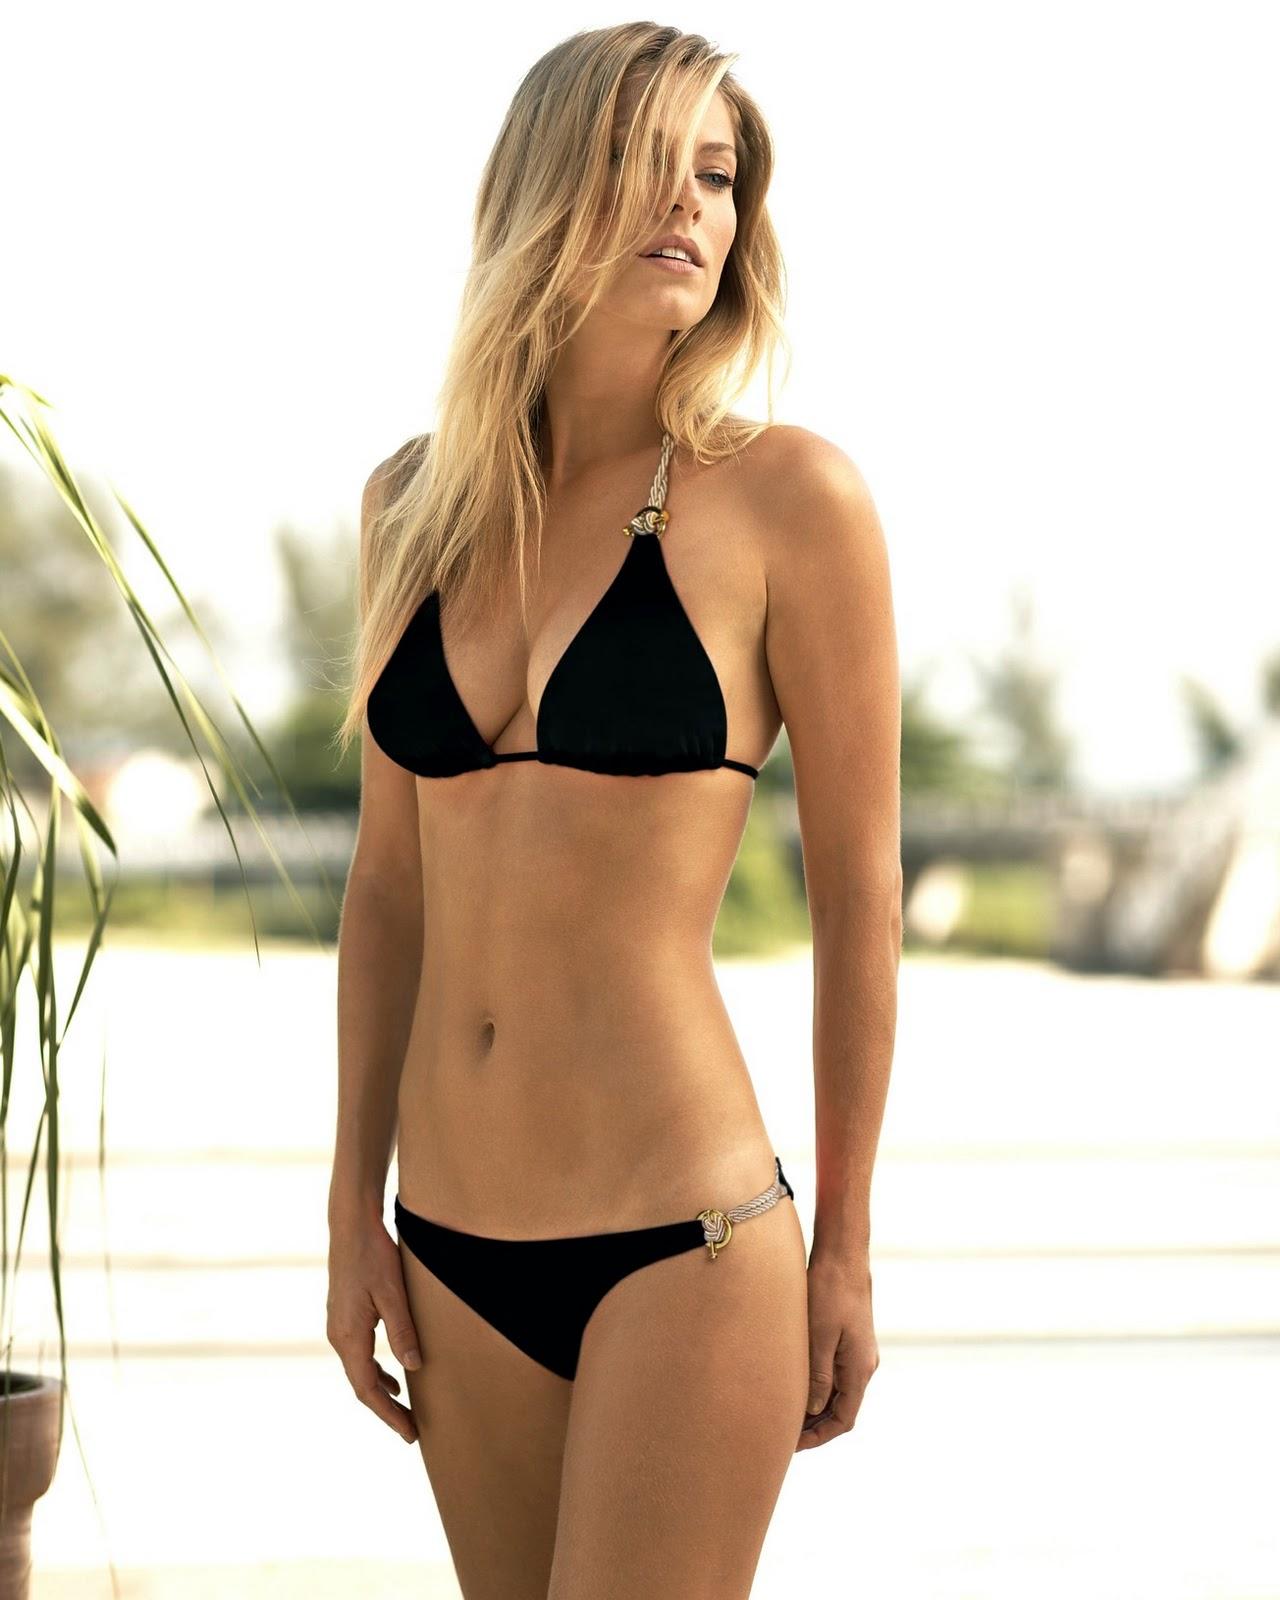 Selin Dion Automotive Area Sexy Brazilian Model Celine Brink In Swimwear